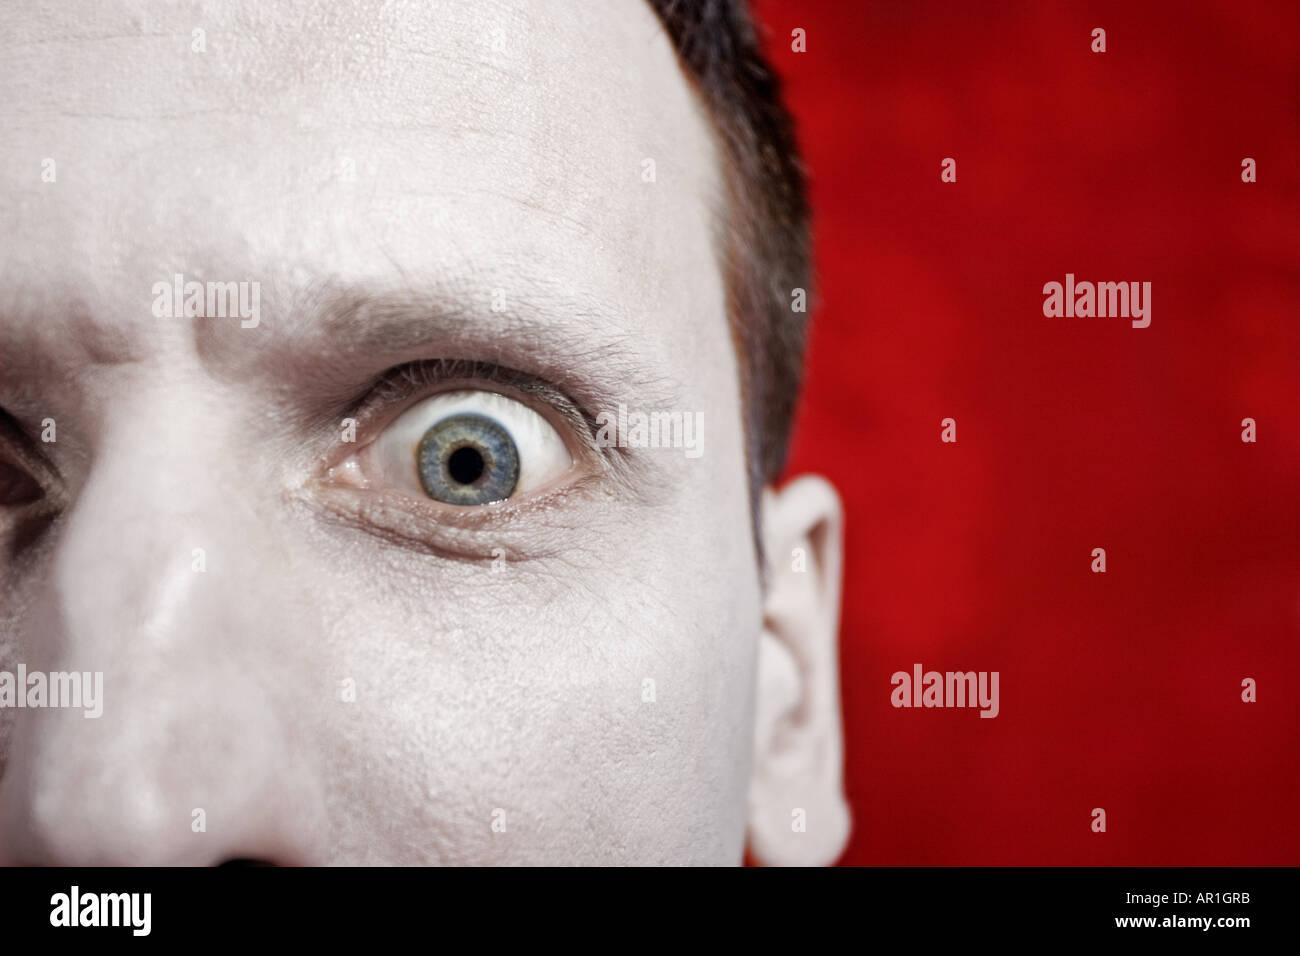 Piscine télévision prix homme mature 3540 fragment de visage aux cheveux noirs yeux nez ouvrir large expression du visage mime scarry peur peur clos Photo Stock